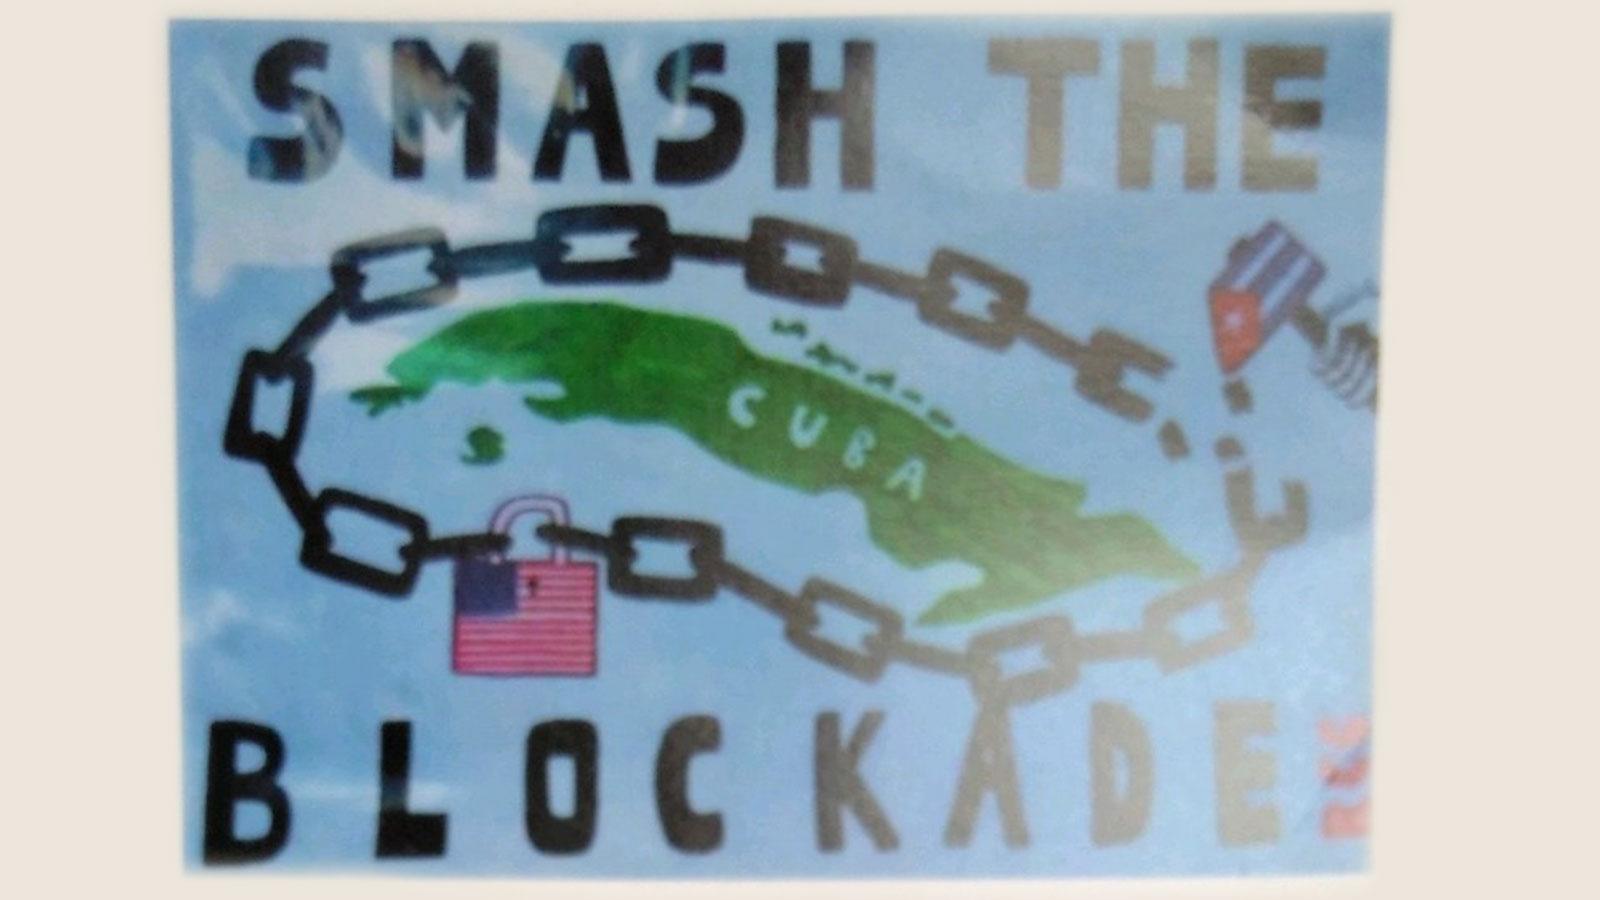 Smash the Blockade - Cuba